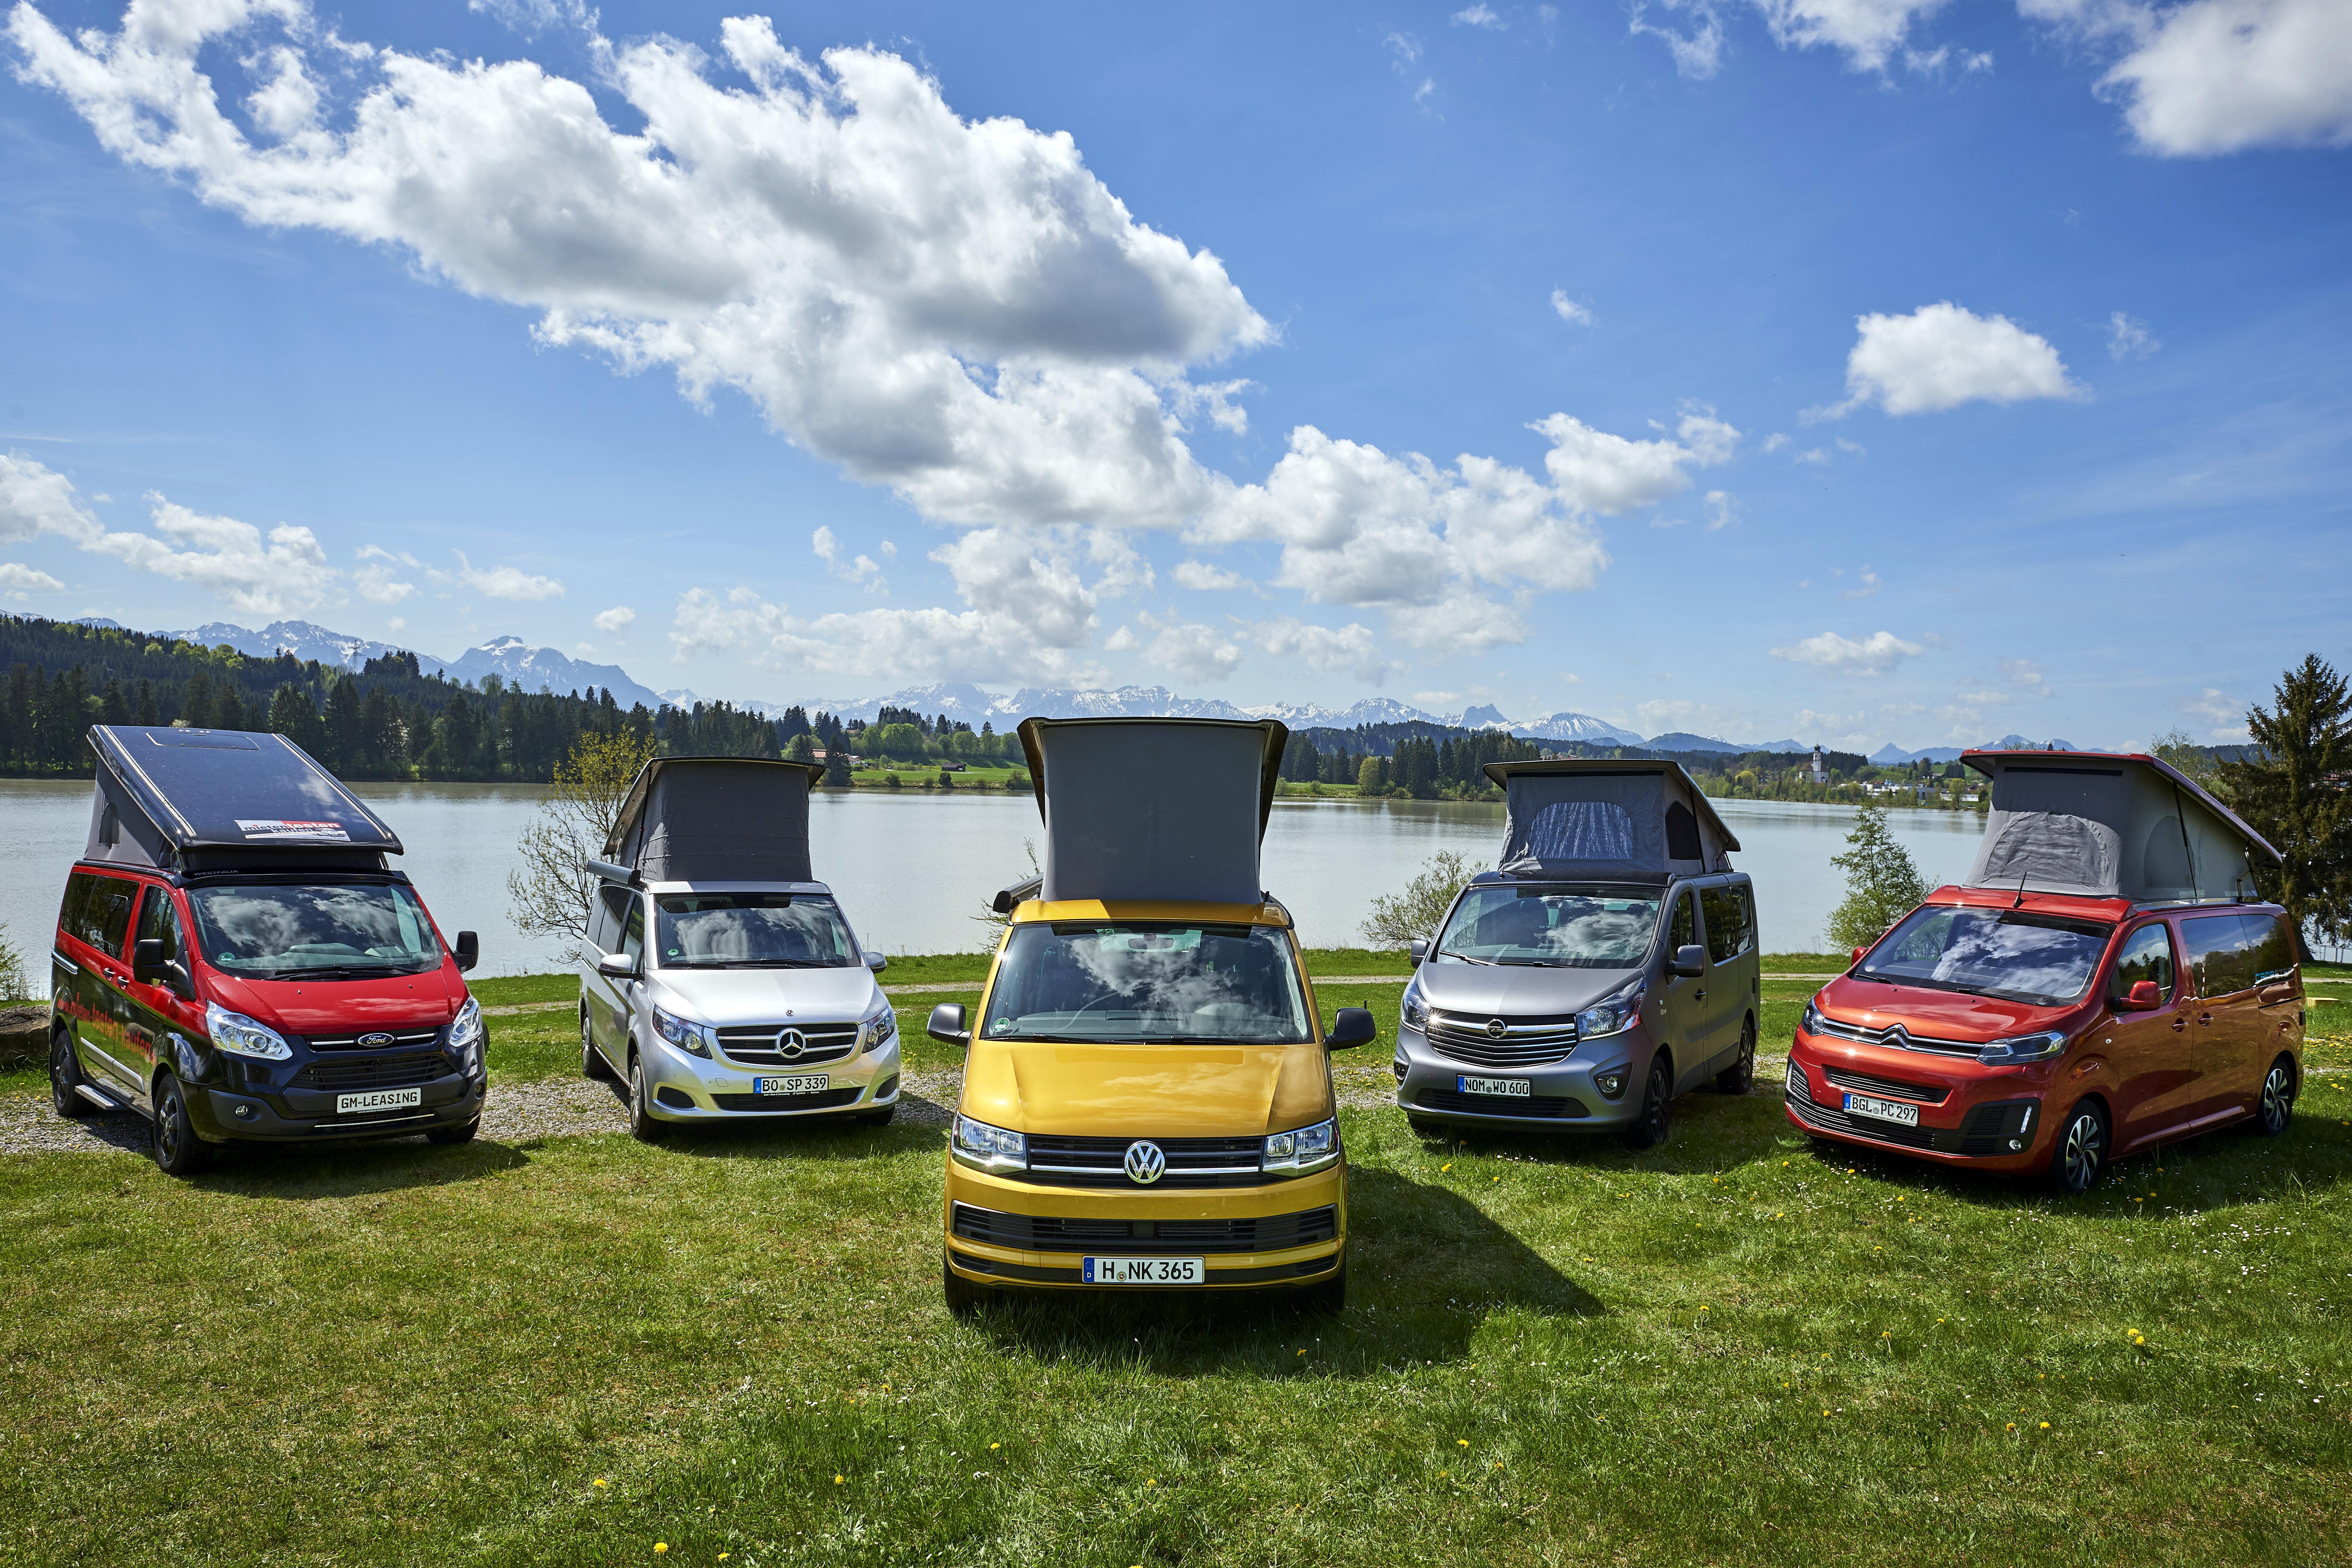 bd1df5088508 VW California und Mercedes Marco Polo gleichauf / Fünf Campingbusse im  Vergleichstest des ADAC